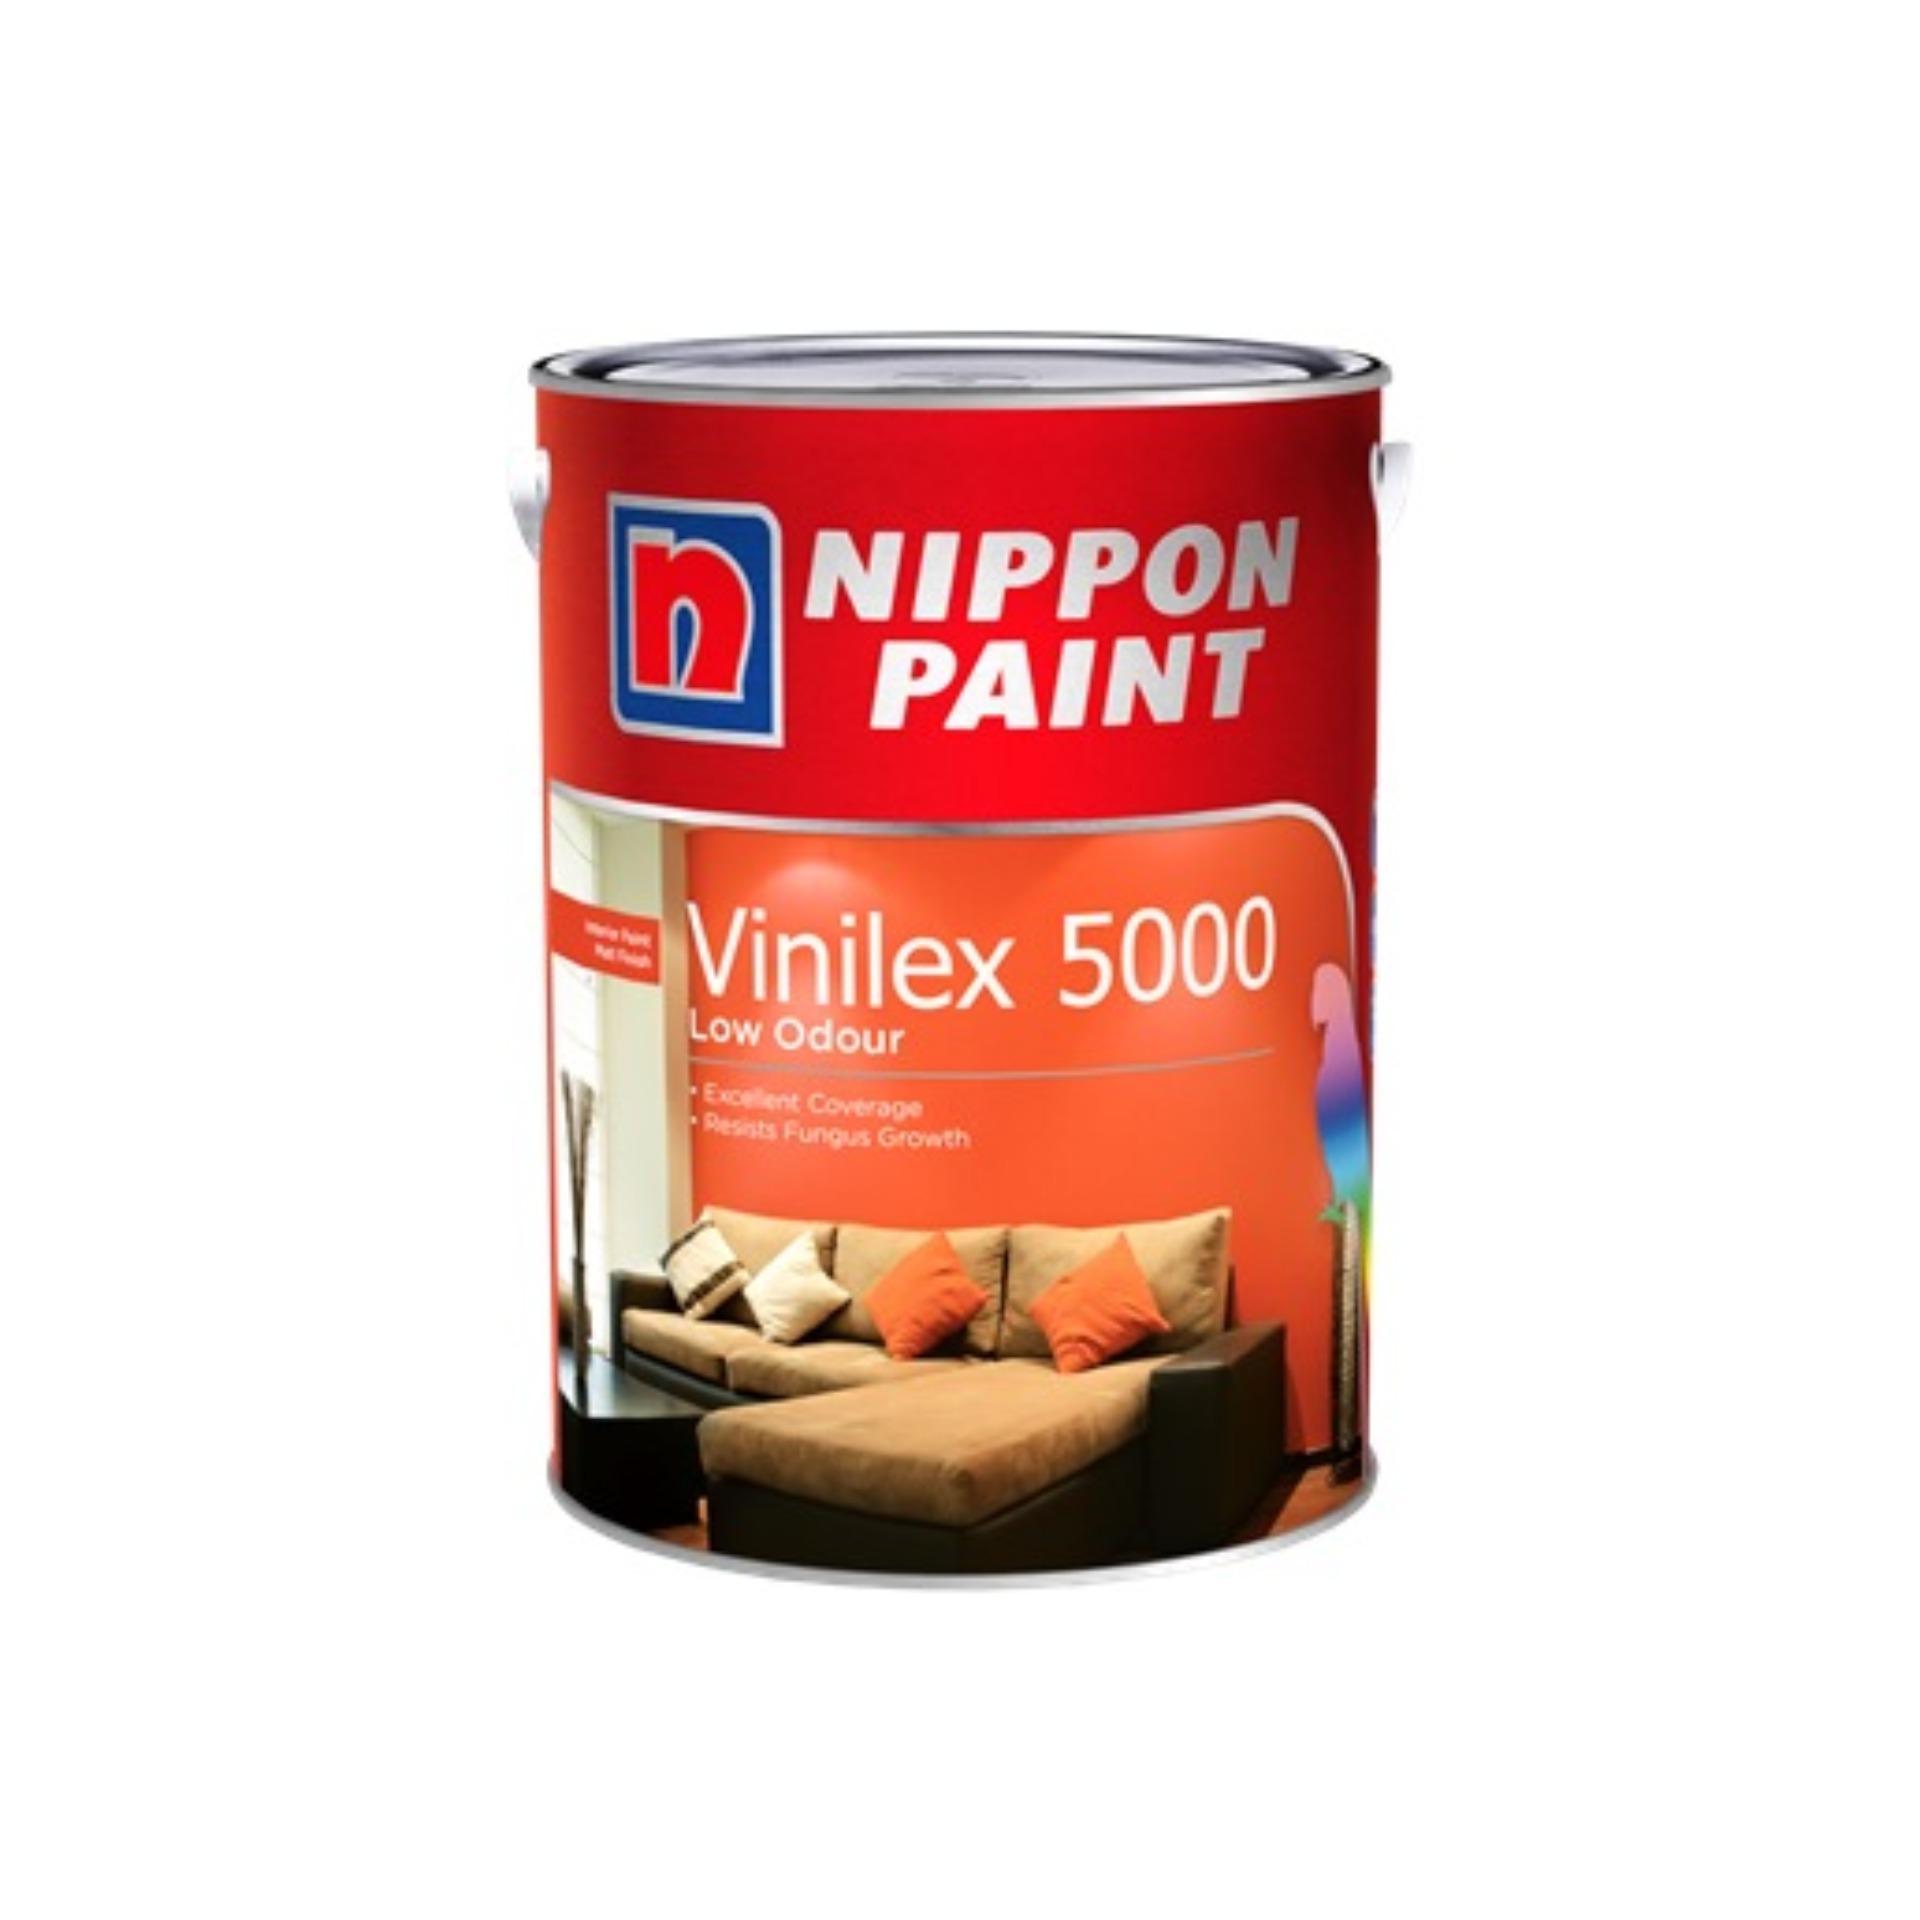 Nippon Paint Vinilex 5000 - Base 3 - Harvest Dance NP PB 1443 D - 1L